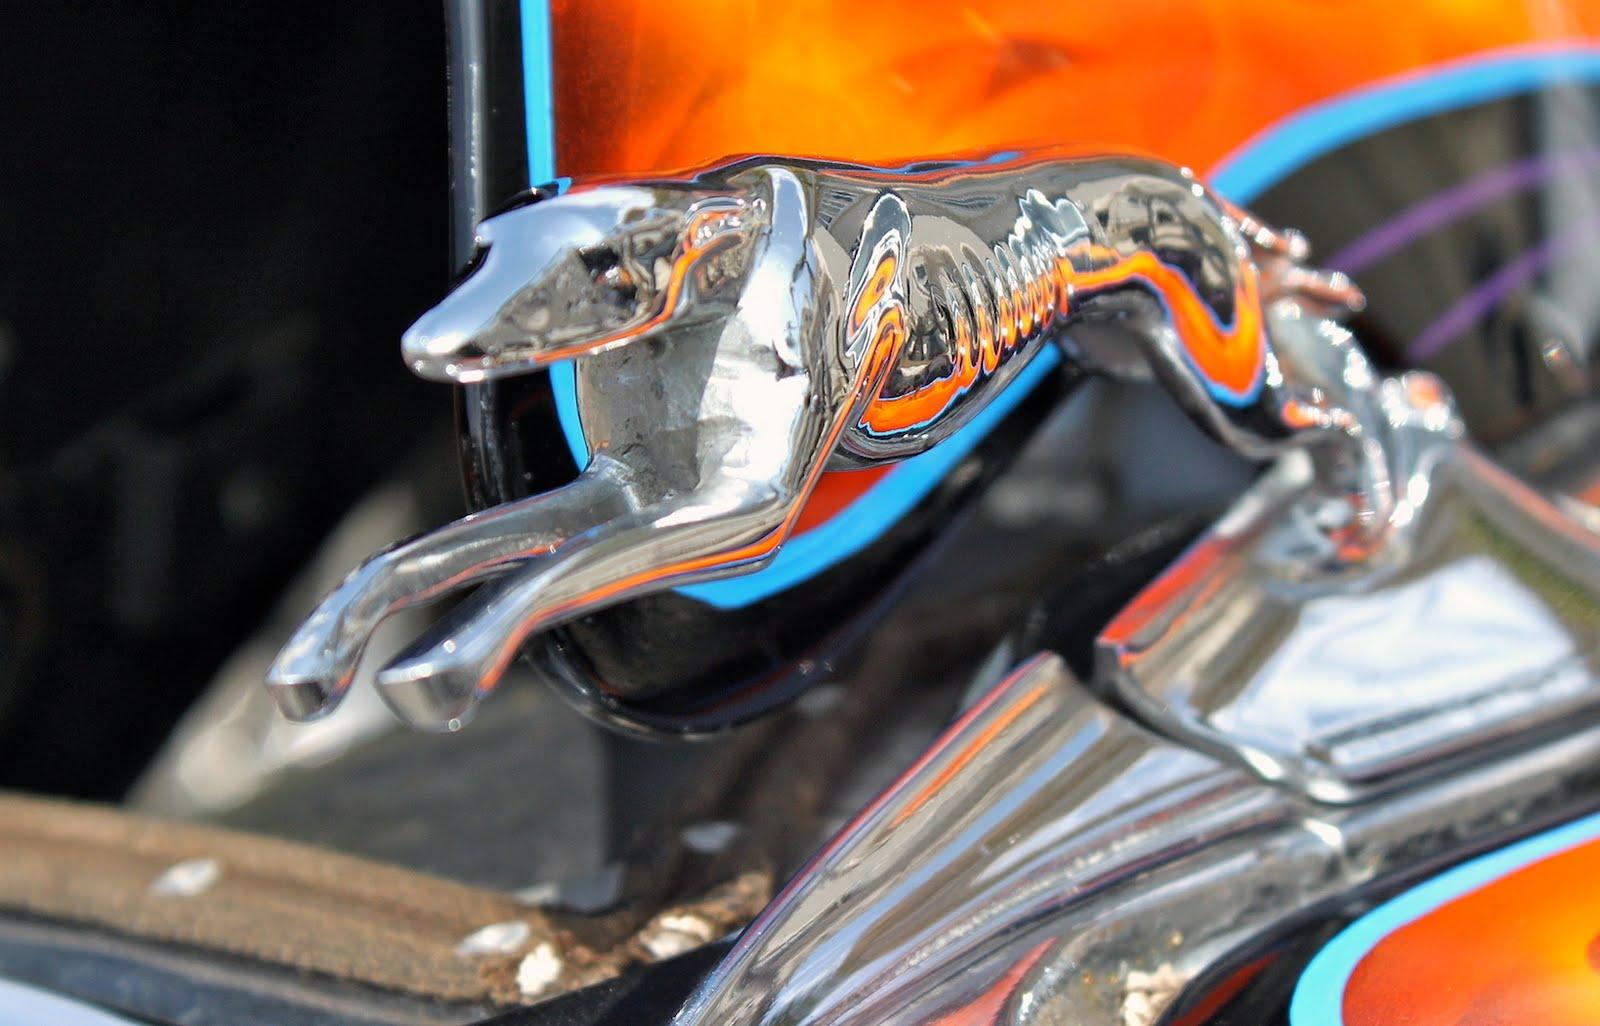 Hood ornaments at the car show